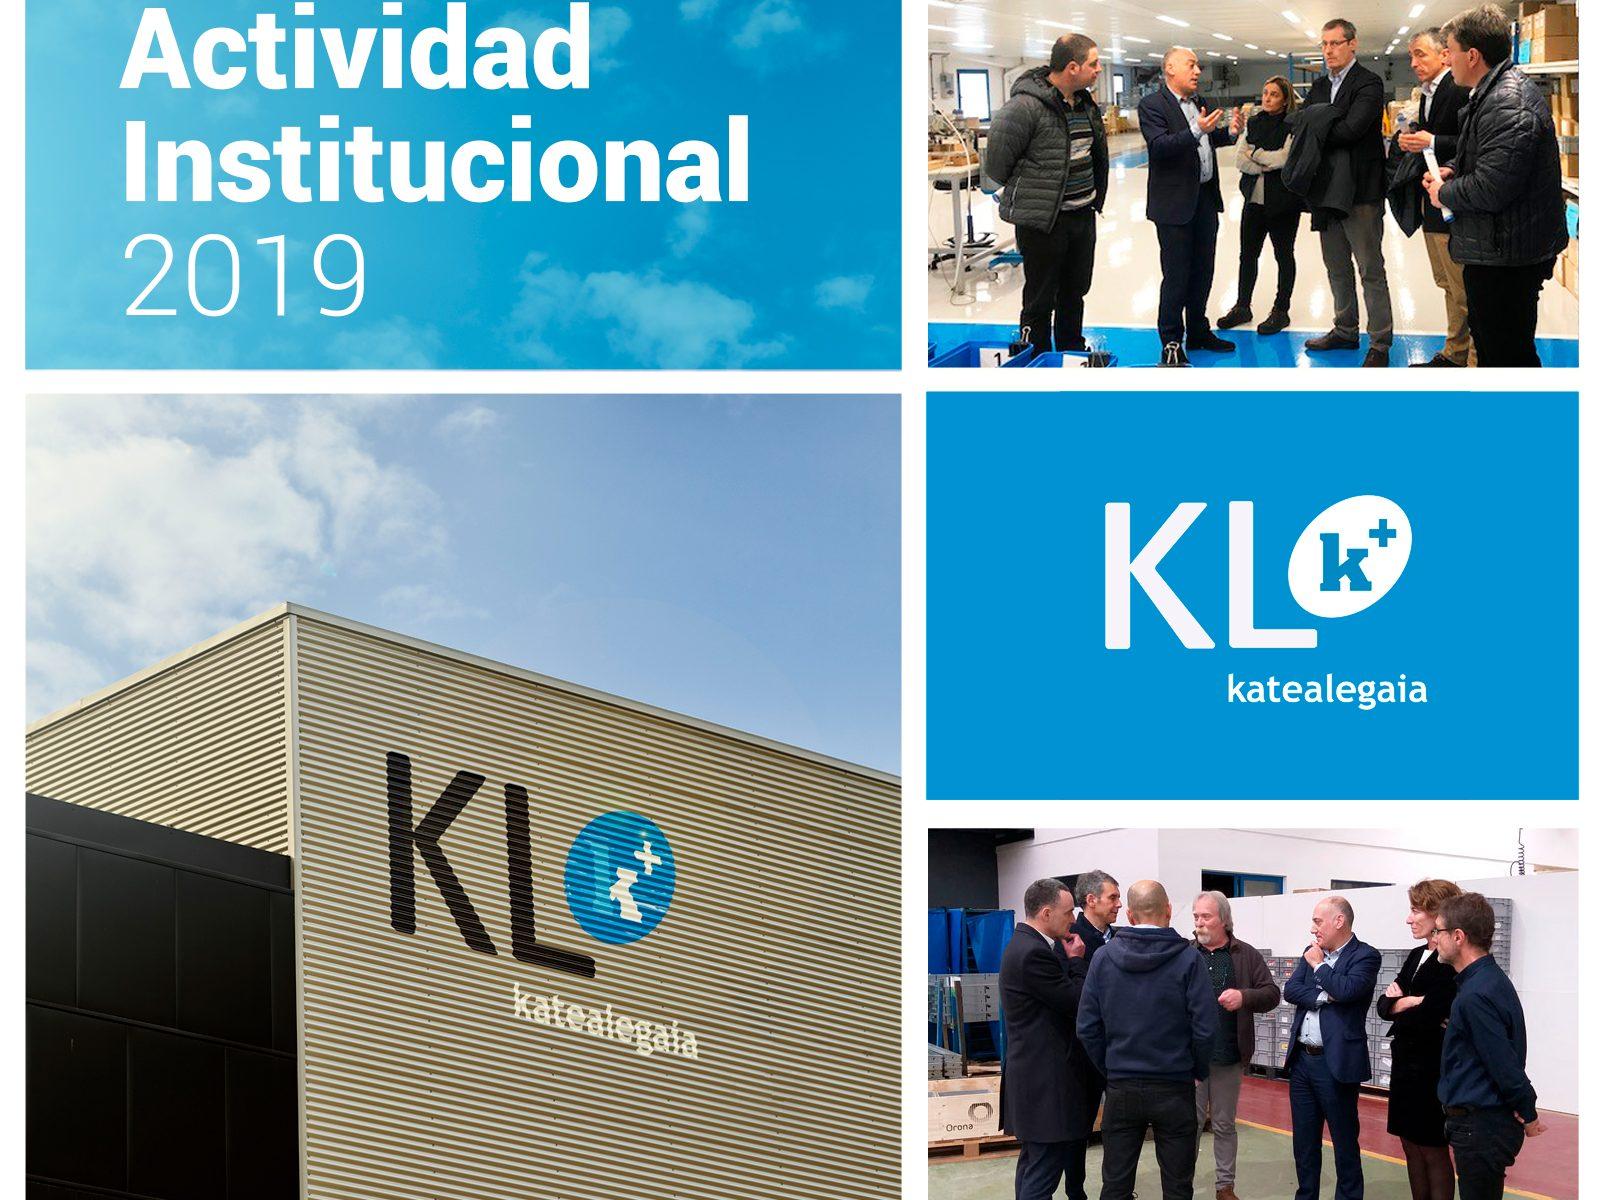 Actividad Institucional de KL durante 2019